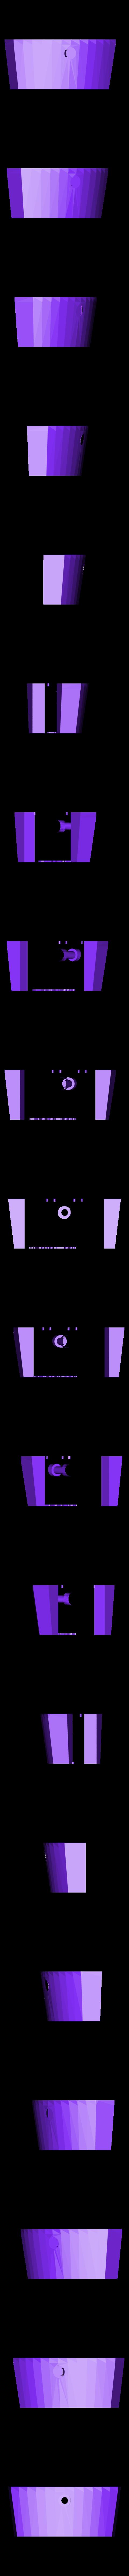 stern_mk2.stl Télécharger fichier STL gratuit Voilier à voile • Objet pour impression 3D, Rusichar